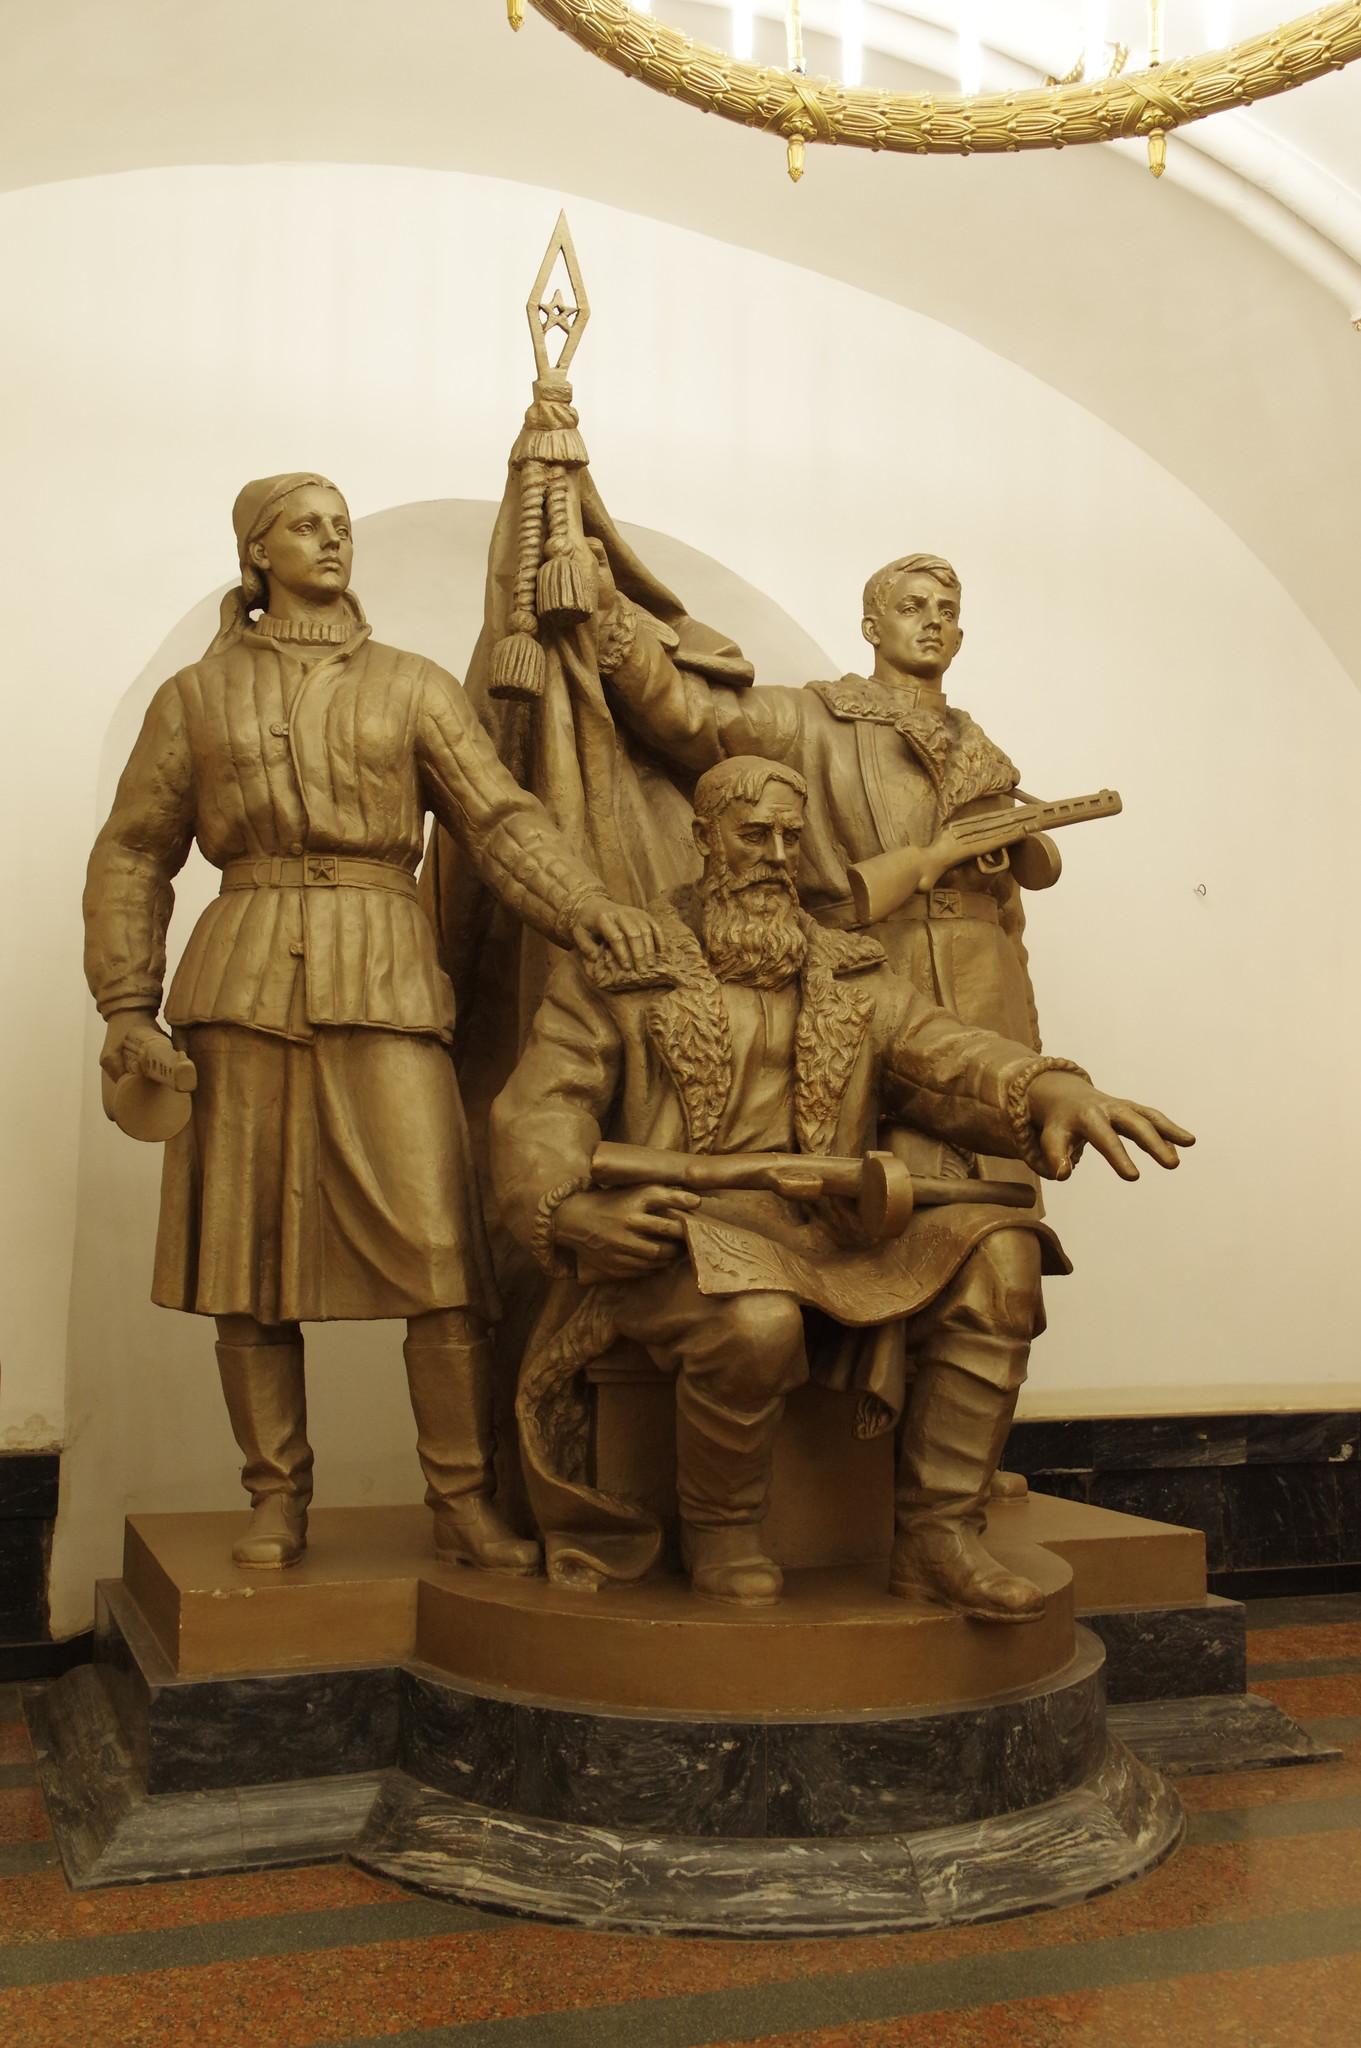 Скульптура «Белорусские партизаны», установленная в переходе на Замоскворецкую линию со станции «Белорусская» Кольцевой линии Московского метрополитена